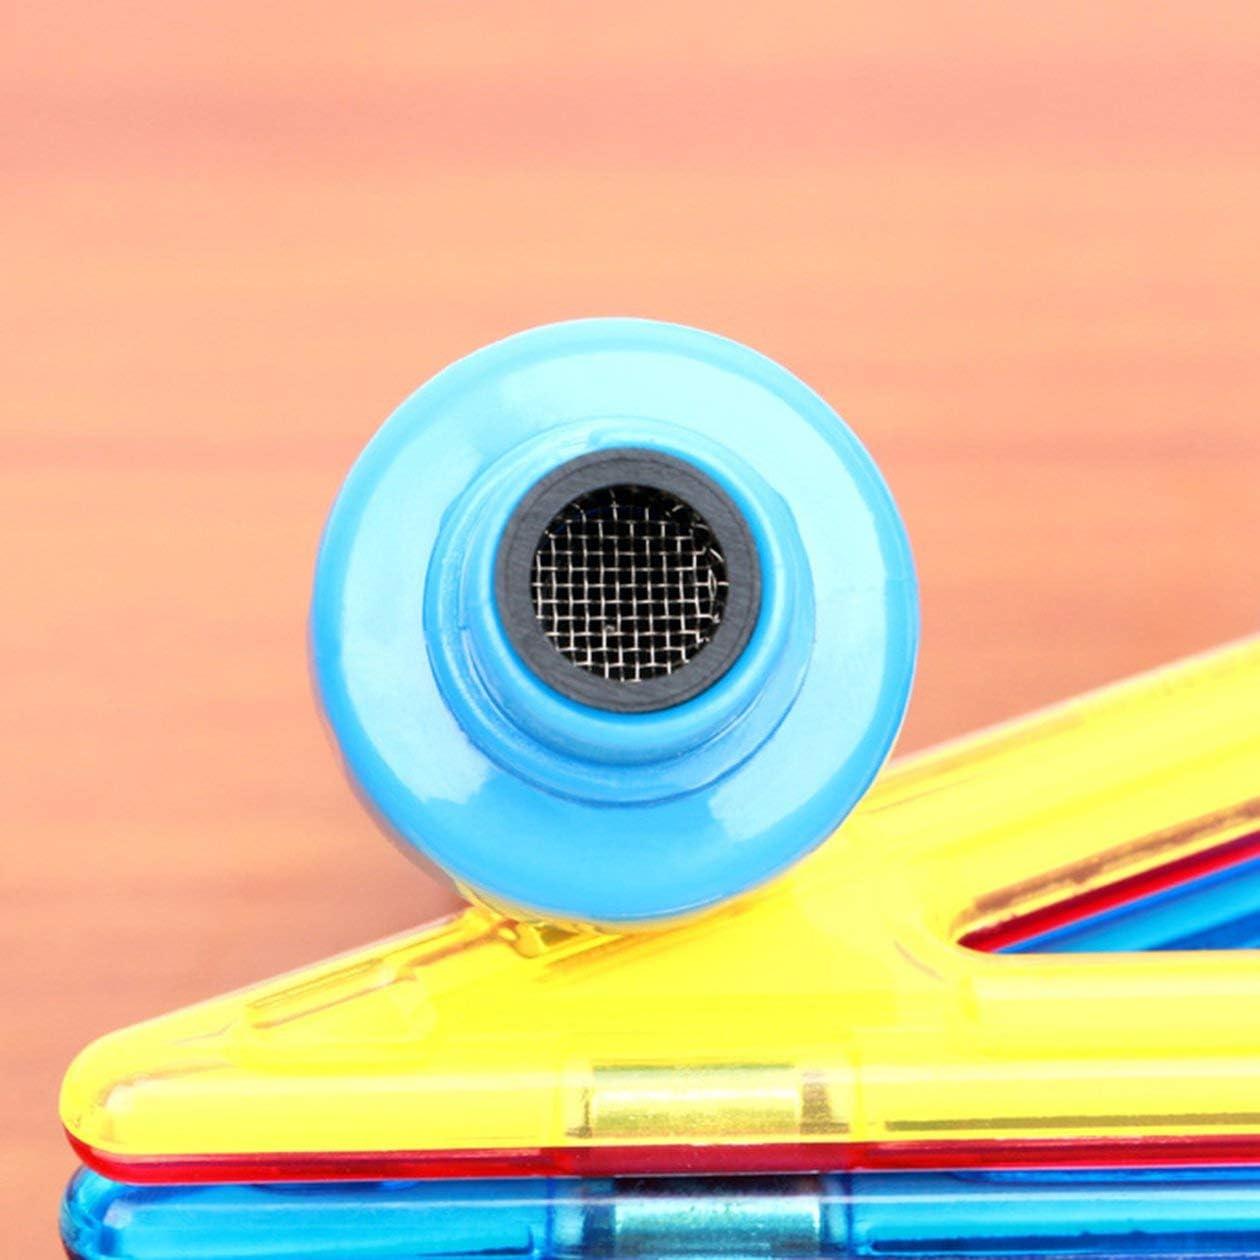 couleur: Bleu + Blanc /Électrique Tao Oreille Orgue Enfants Adulte G/én/éral Oreille Cuill/ère Cire Doreille Aspirateur et